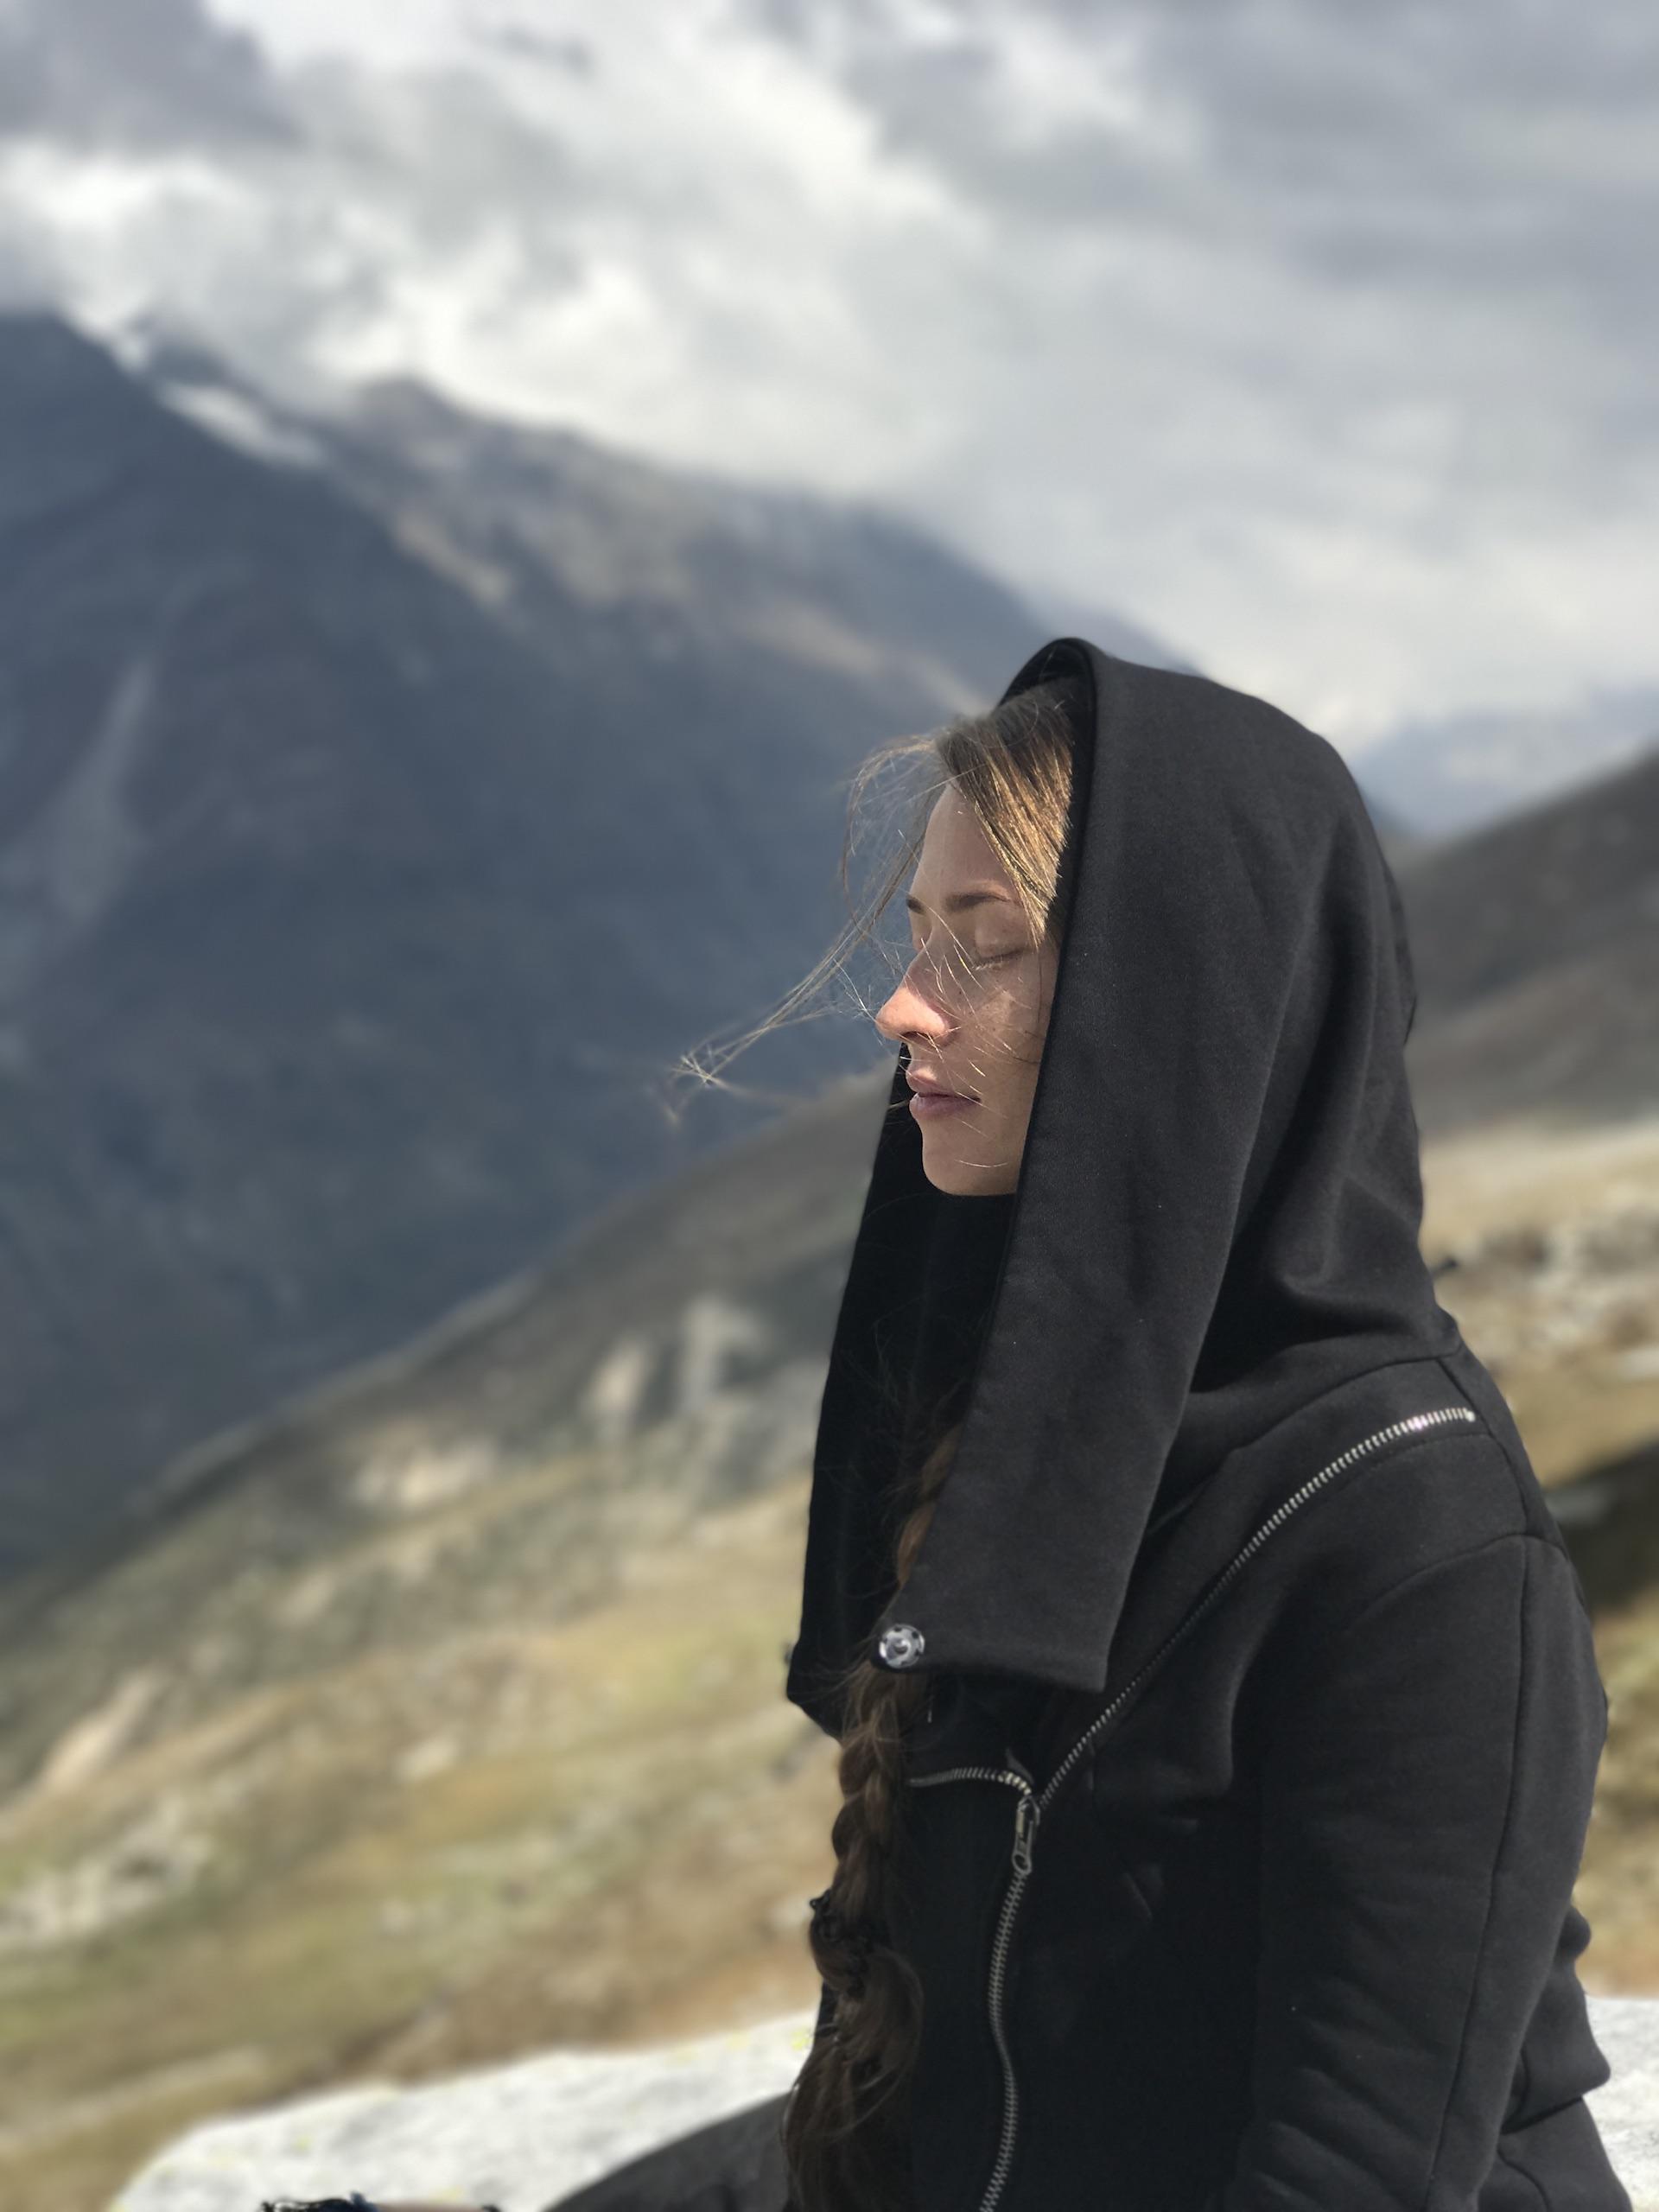 Lena Degtyar Podcast Darya Pepelyaeva